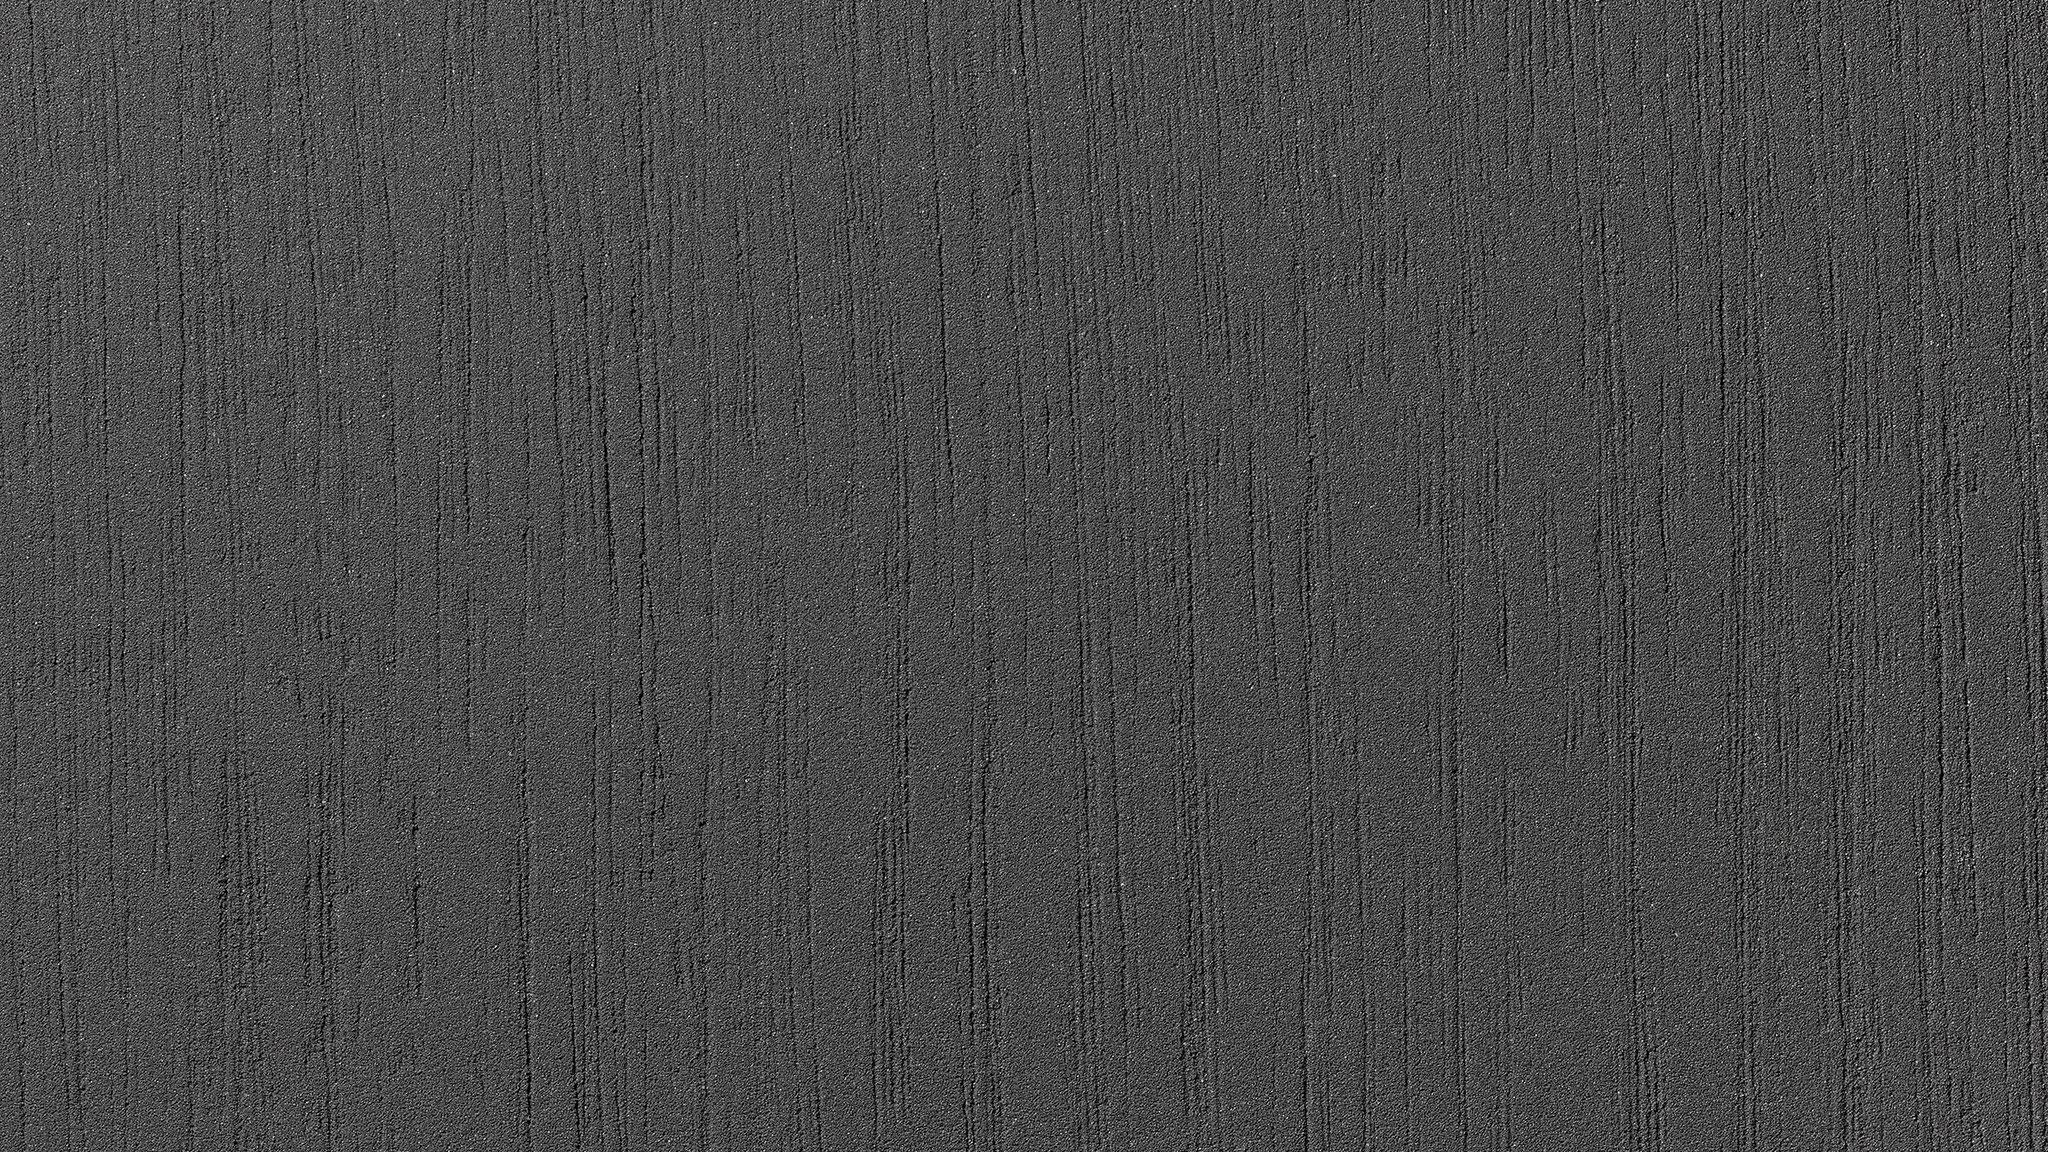 Scratch - Die matte, mineralische Oberfläche und der dunkle Farbton erzeugen eine besondere Dynamik. Farbton: ic132